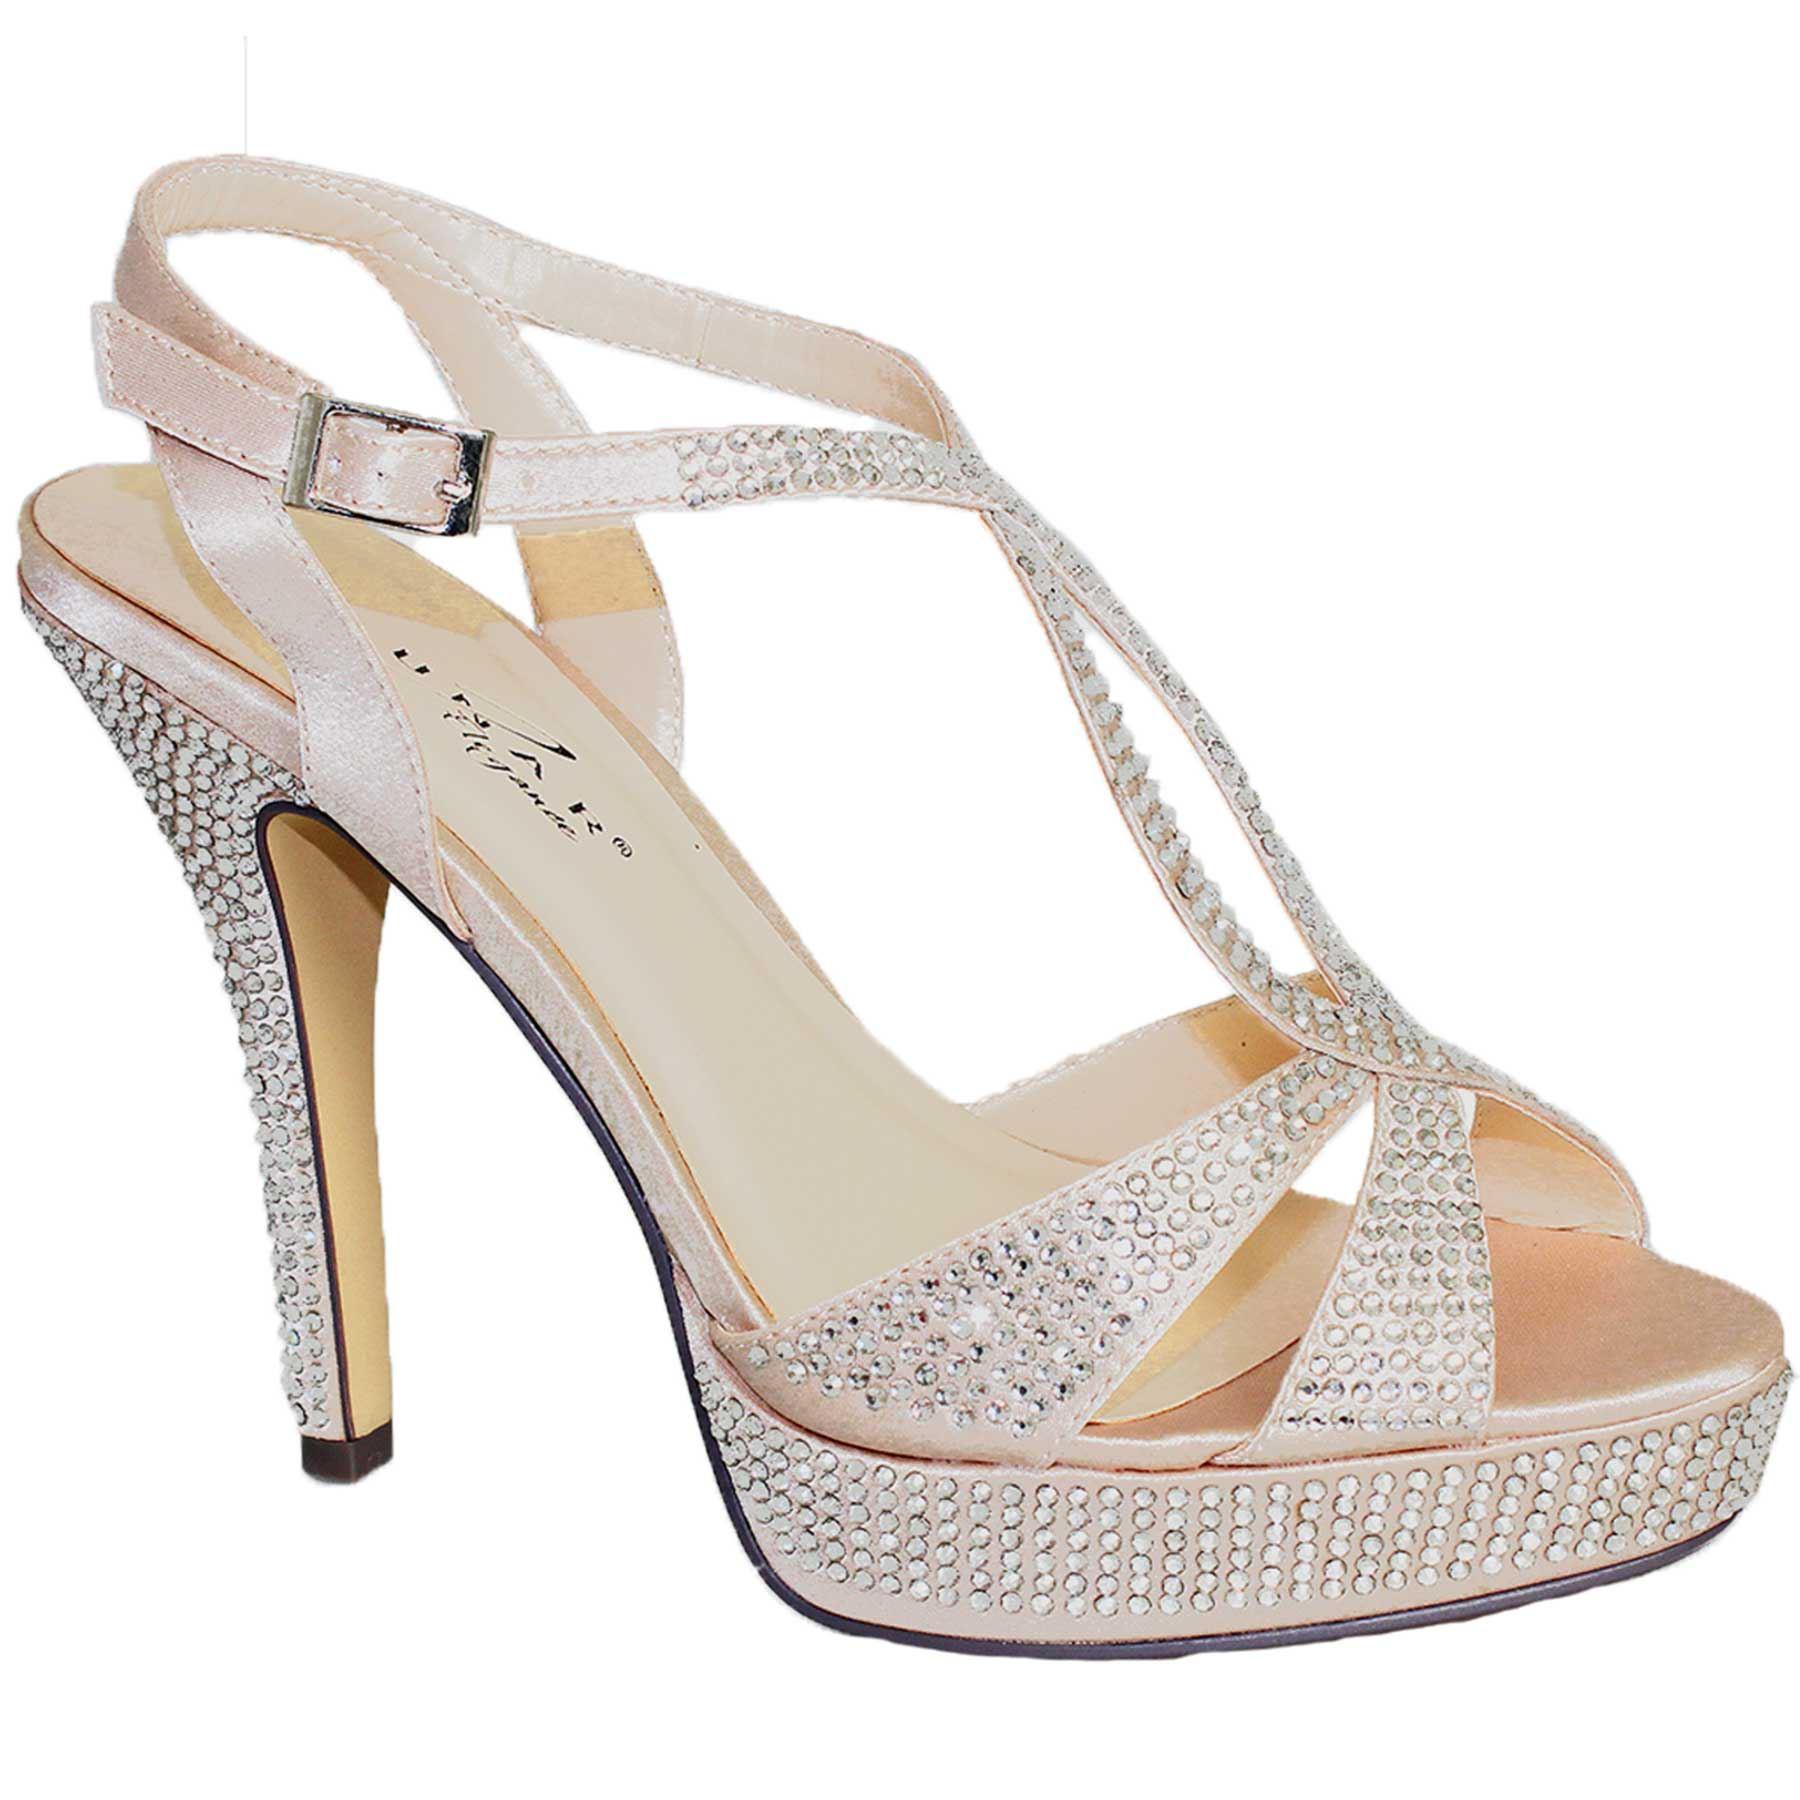 Damen Diamant Criss Heels Cross Riemen Plateau Party Damen High Heels Criss Clutch Tasche 8cb779